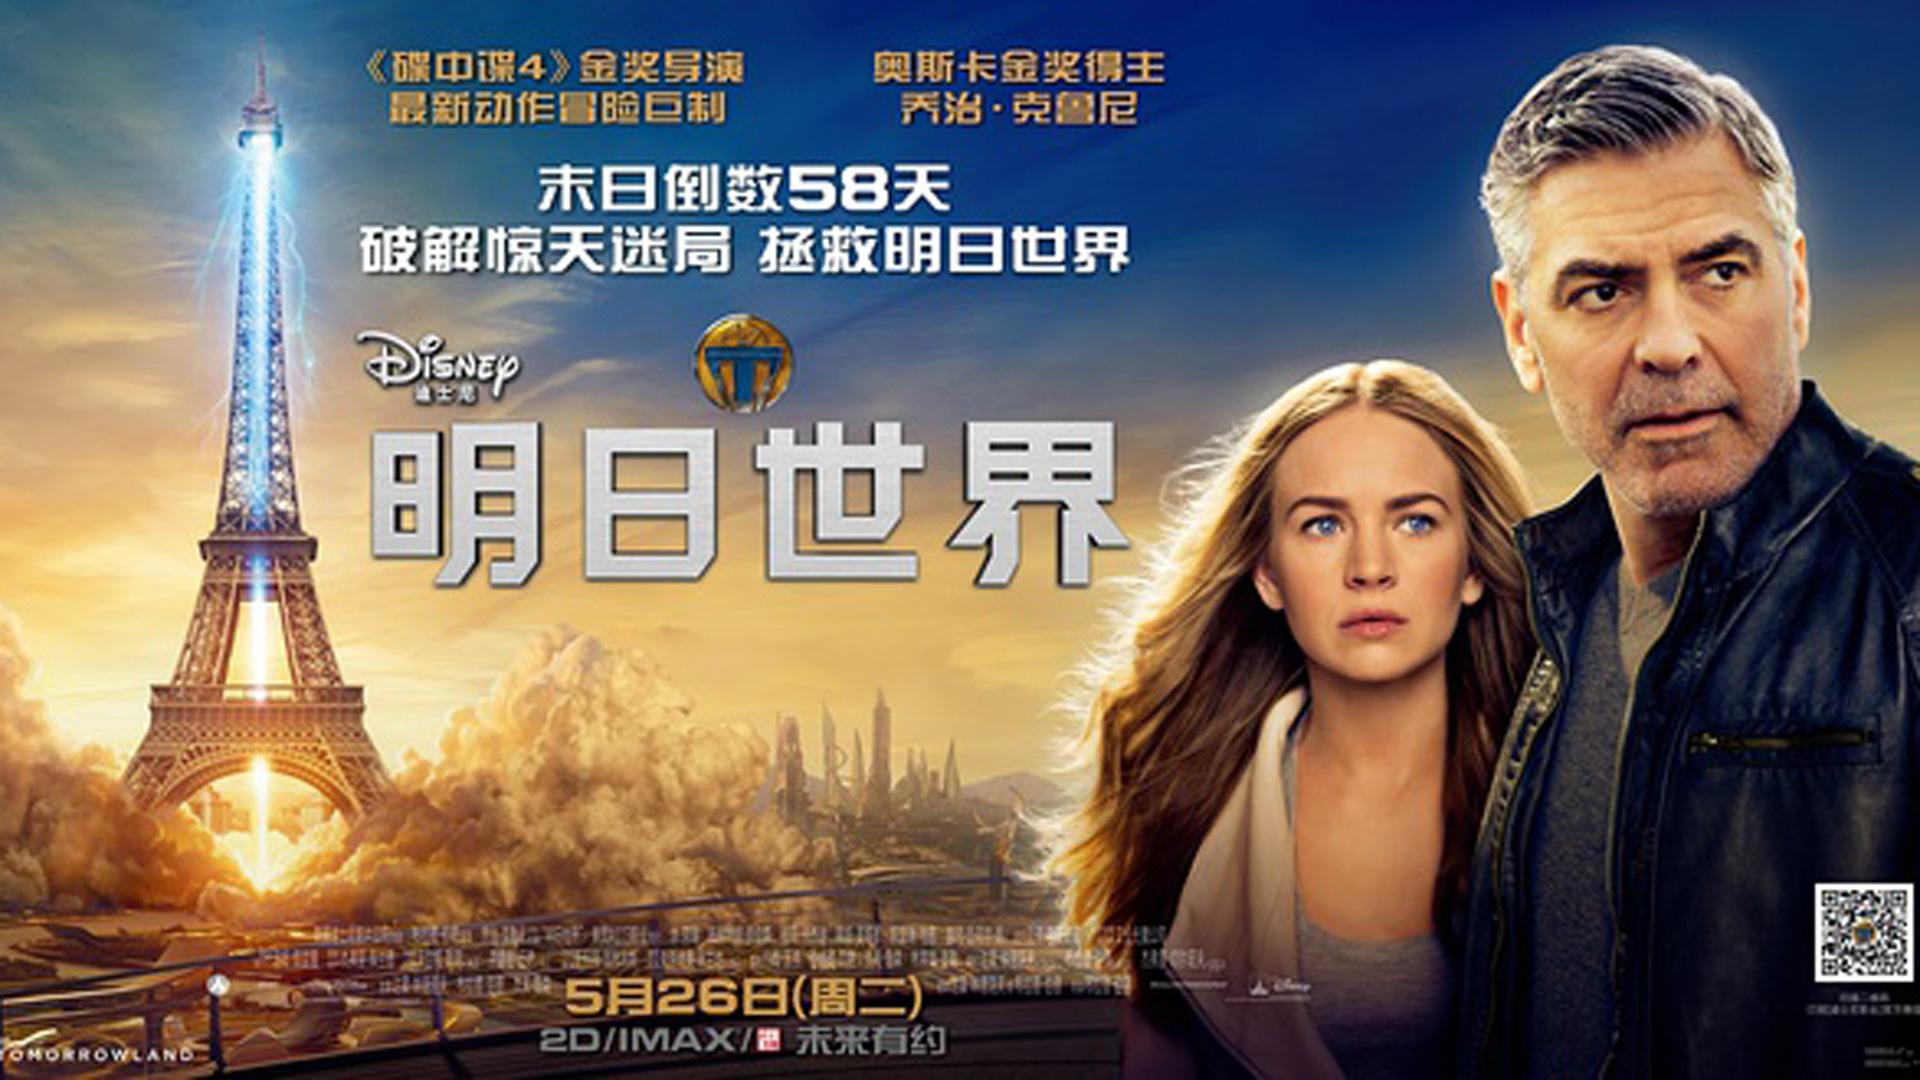 明日高清-视频-世界在线观看-搜狐电影员台湾电影恶夜下载图片